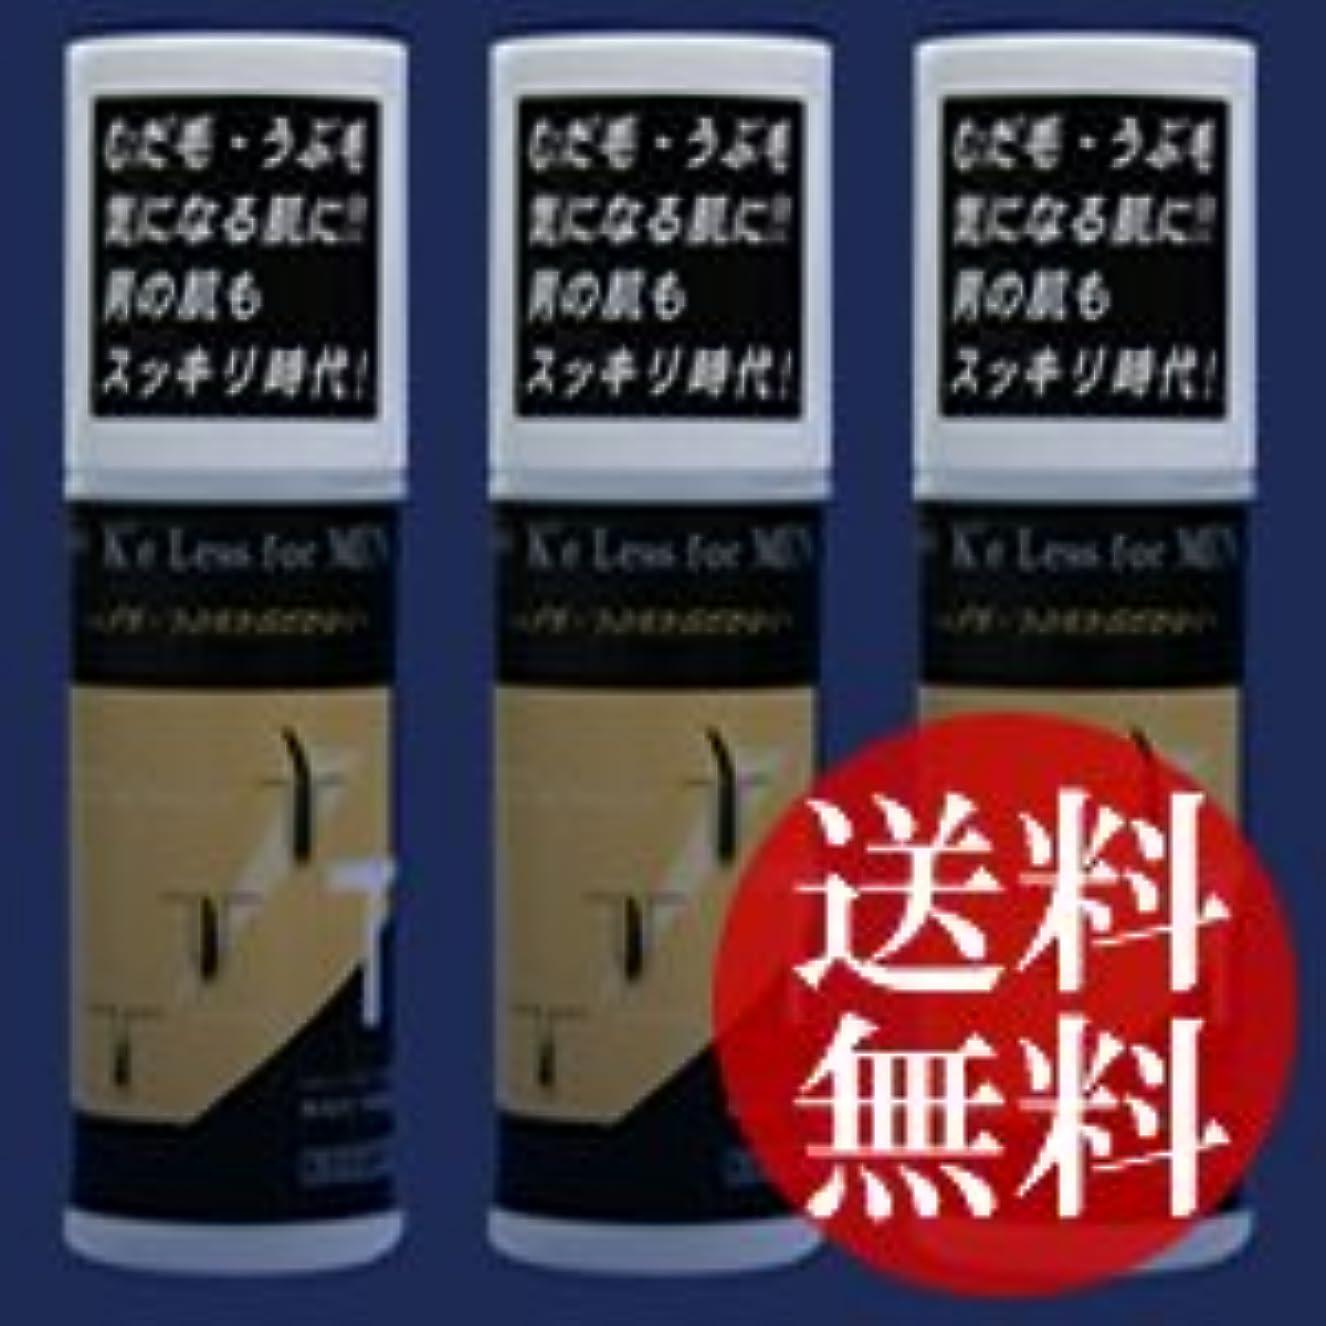 チーズ緩むワイヤー補完医療製薬 ケーイーレスローション フォーメン 150mL×3本セット [医薬部外品]